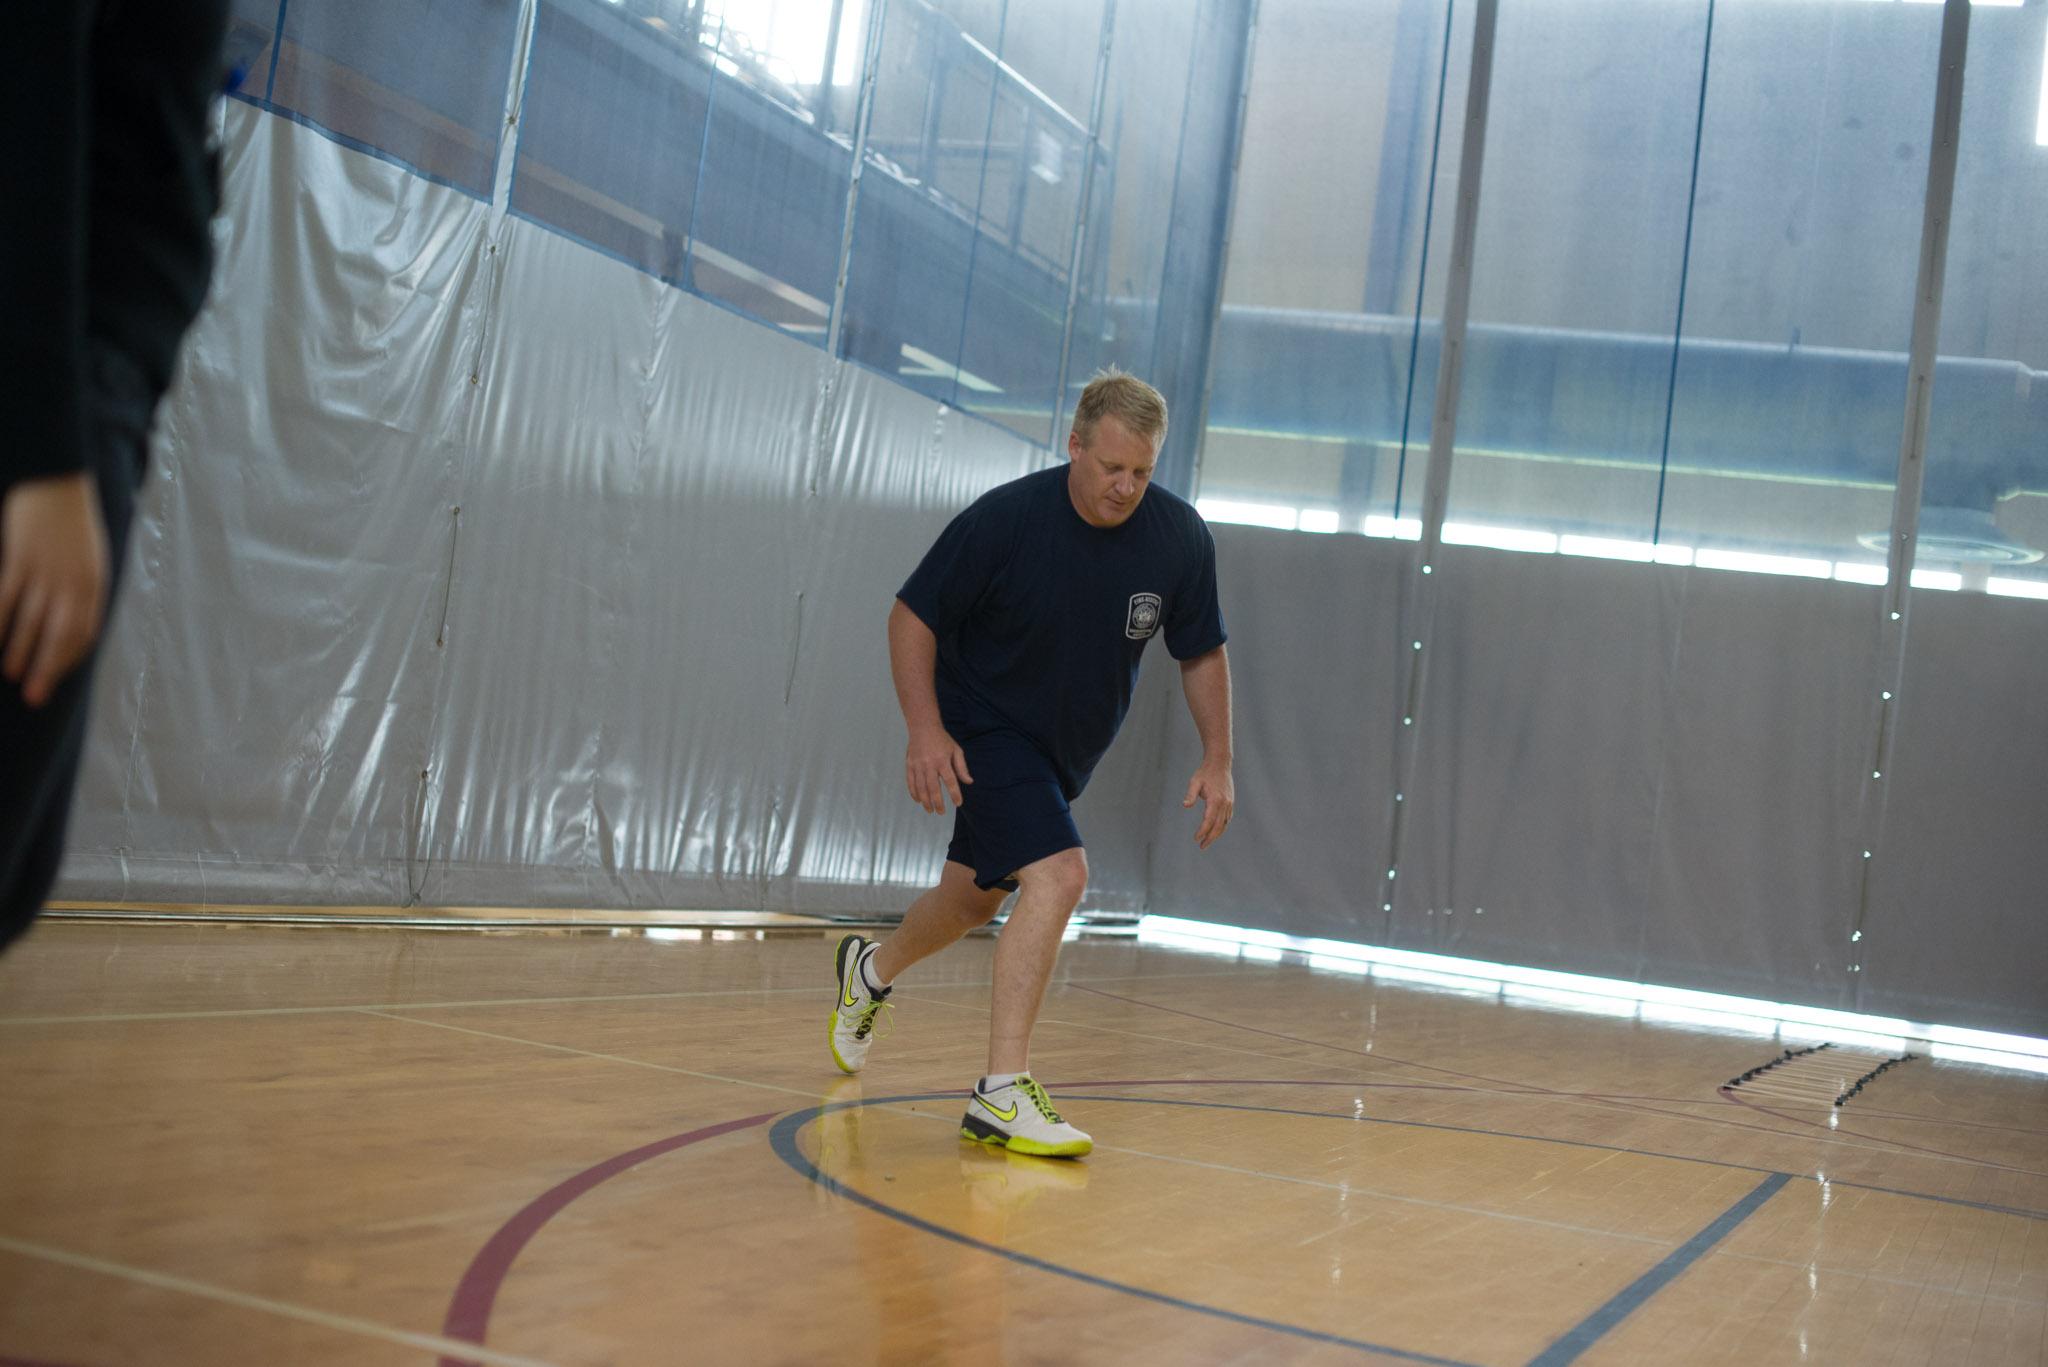 Wellness Center Stock Photos-1187.jpg